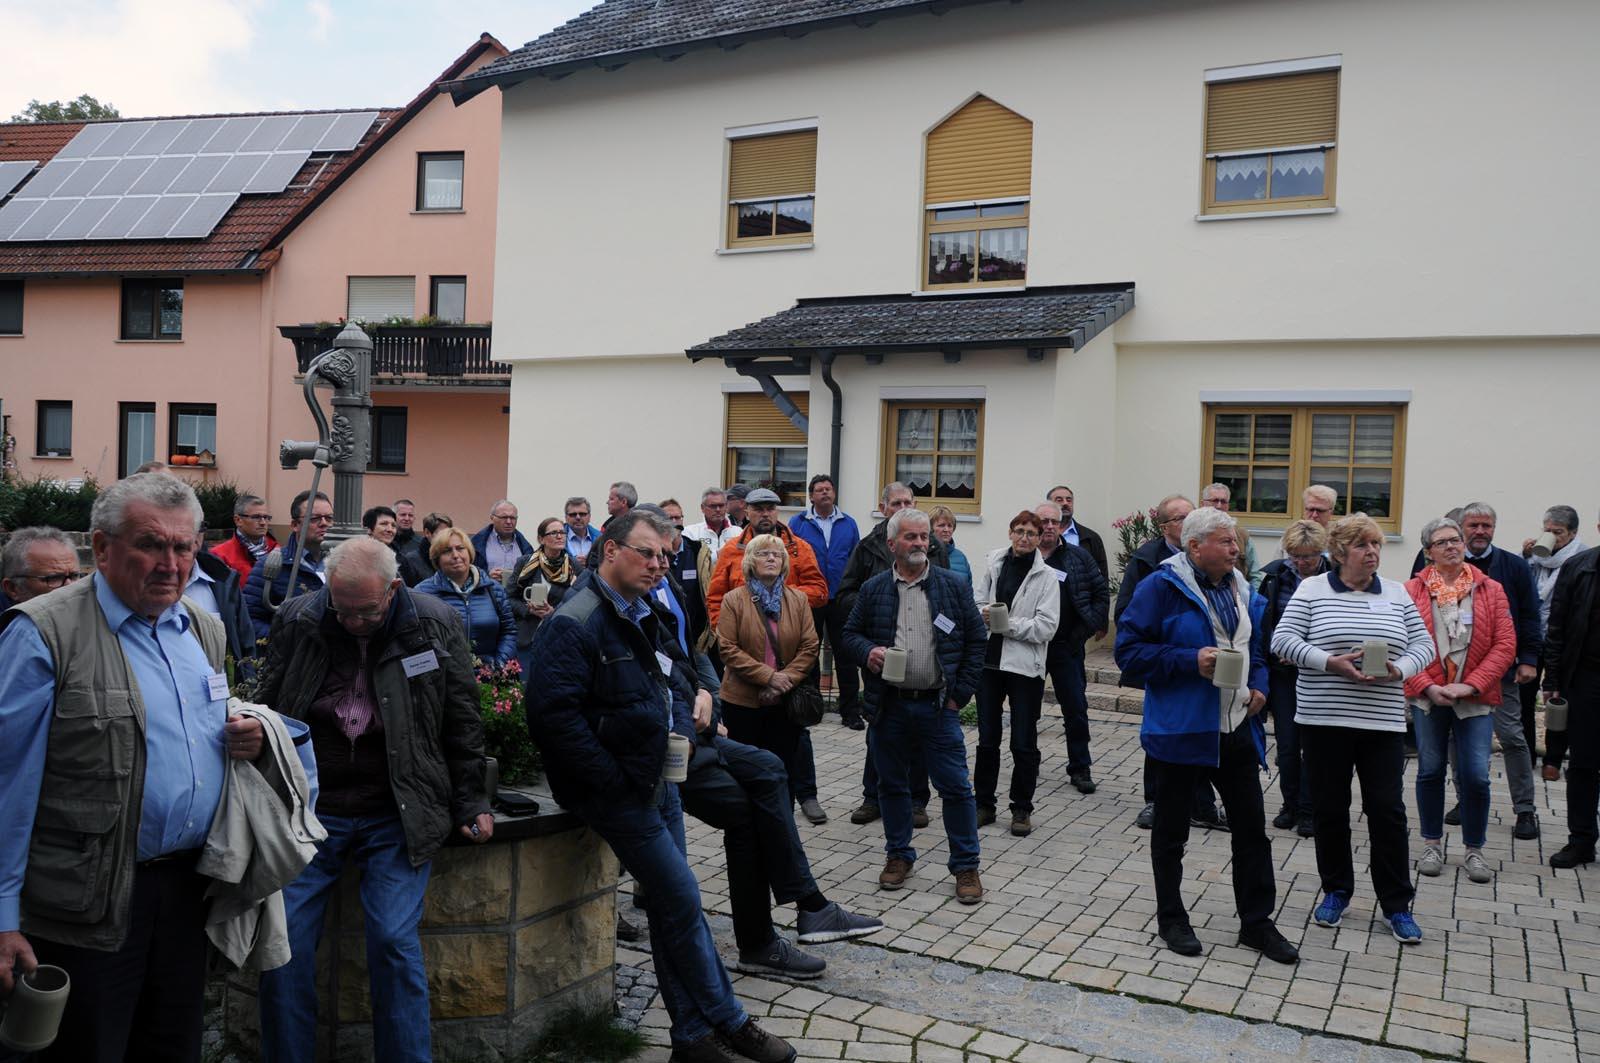 Die Mitglieder des BTG e.V. bei der interessanten Fachexkursion im Dorferneuerungsverfahren Unterelldorf